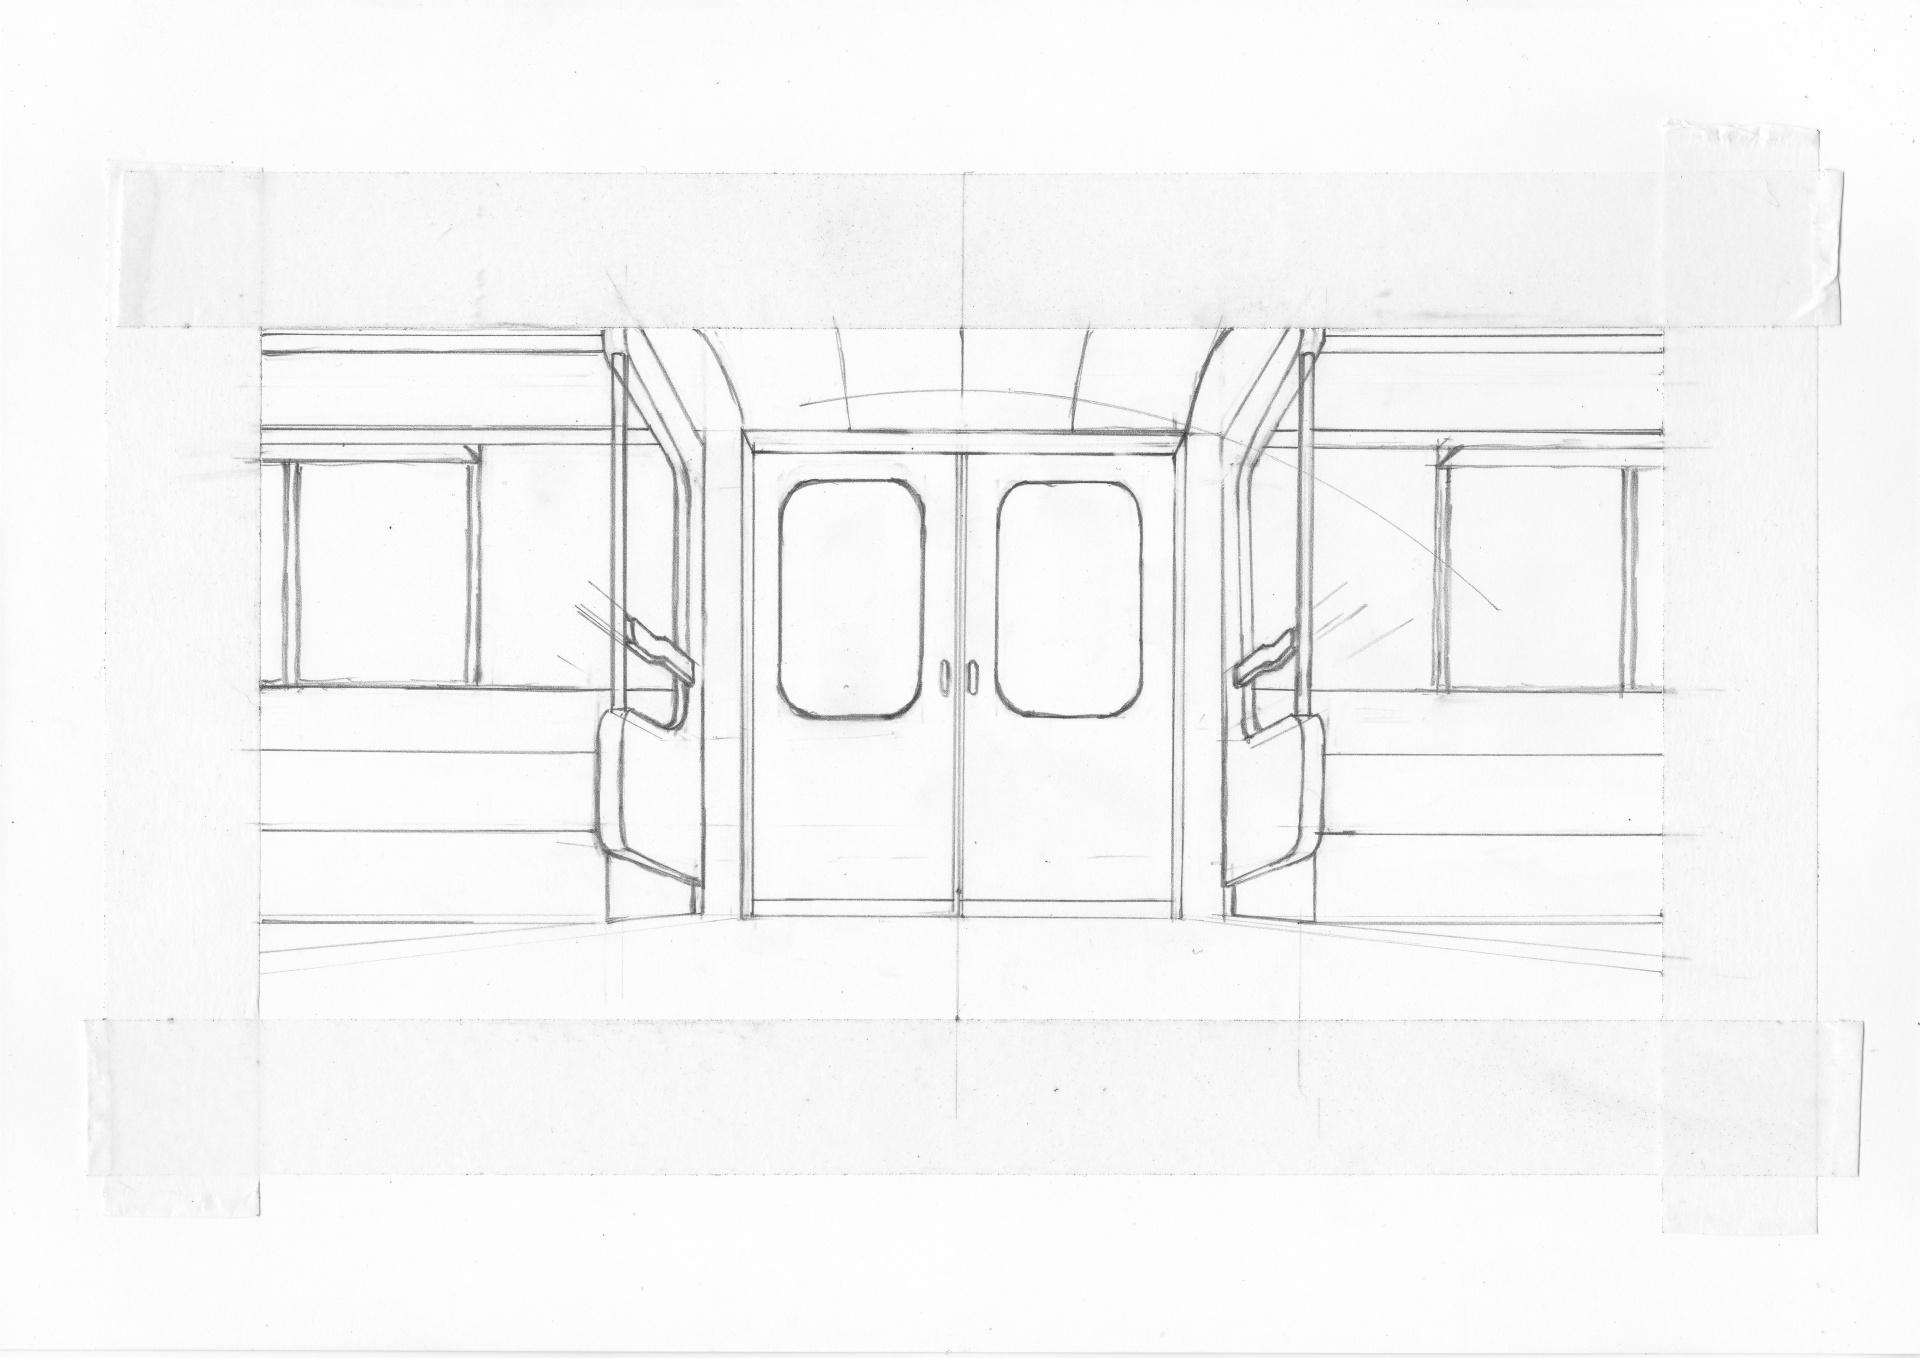 丸の内線02系の描きかけイラスト